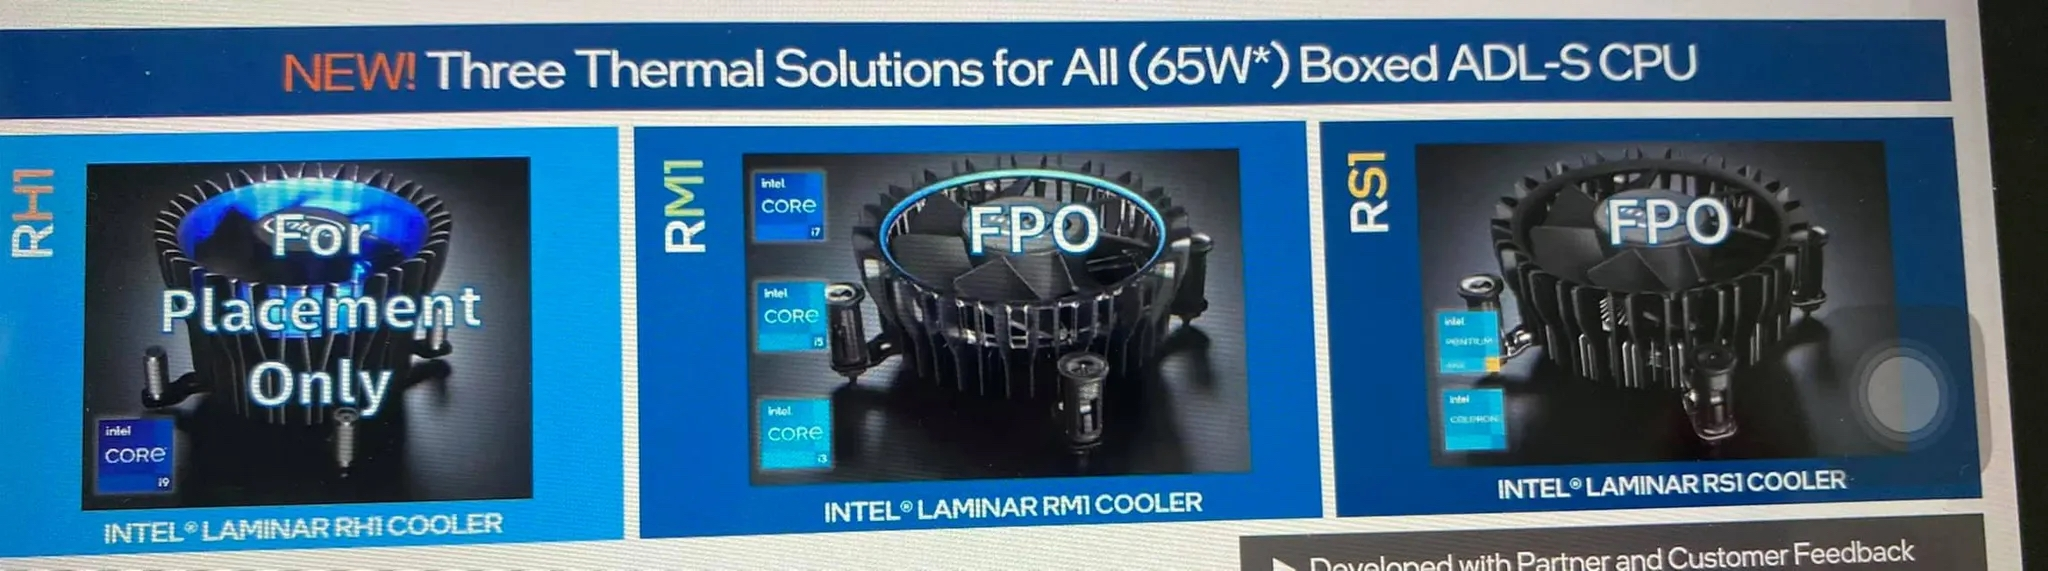 novos coolers da Intel